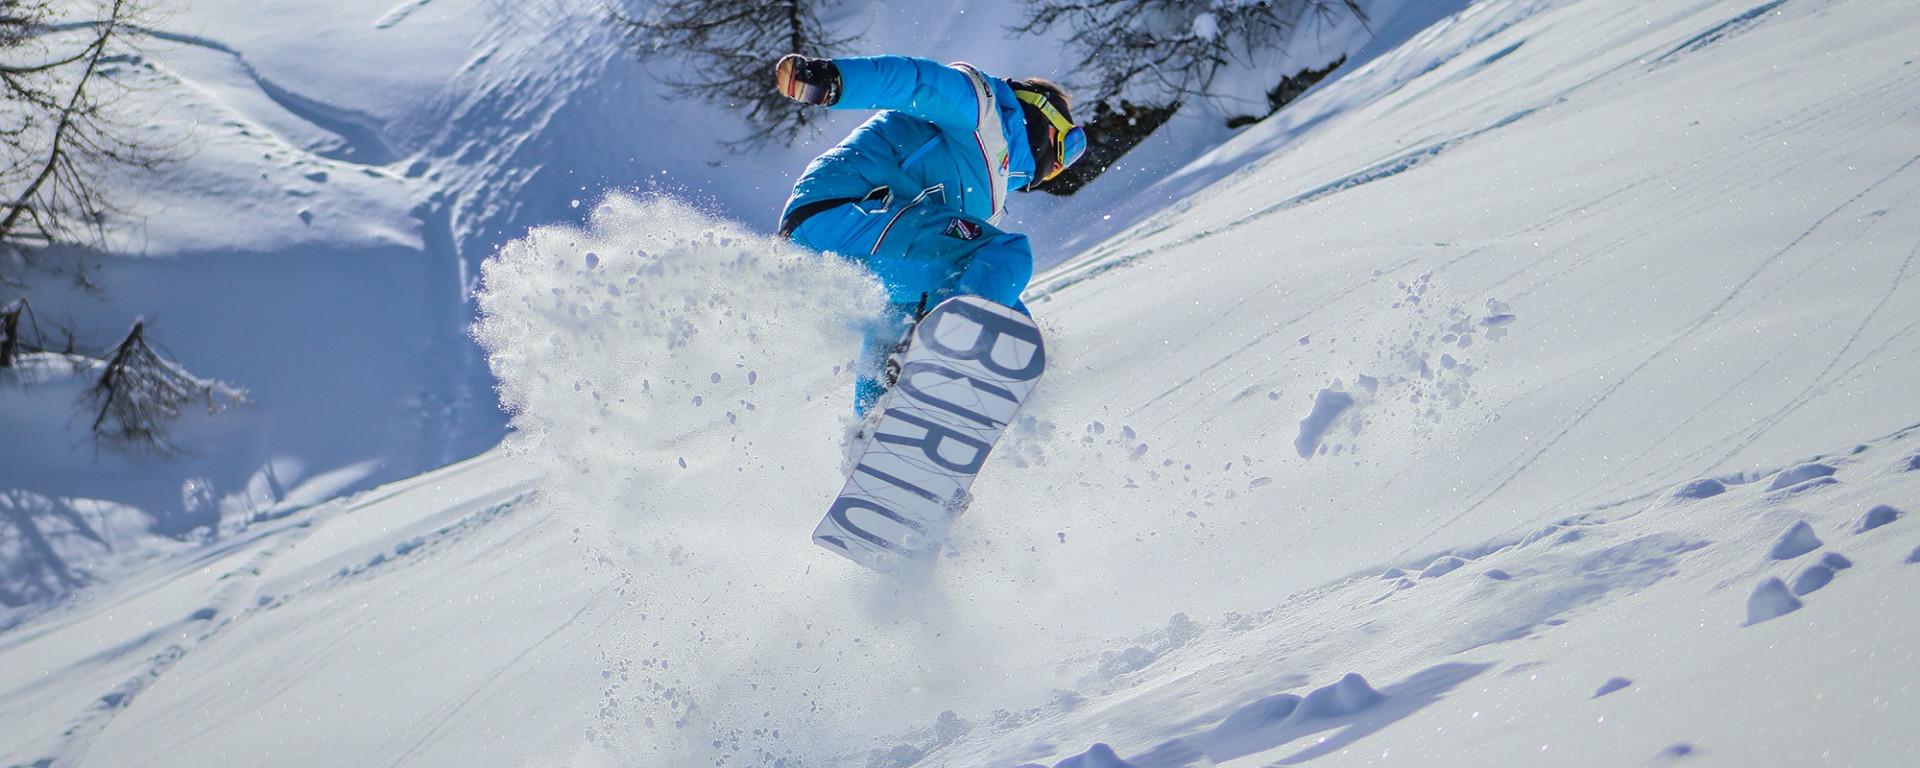 Lezione privata di snowboard a Sauze d'Oulx per tutti i livelli